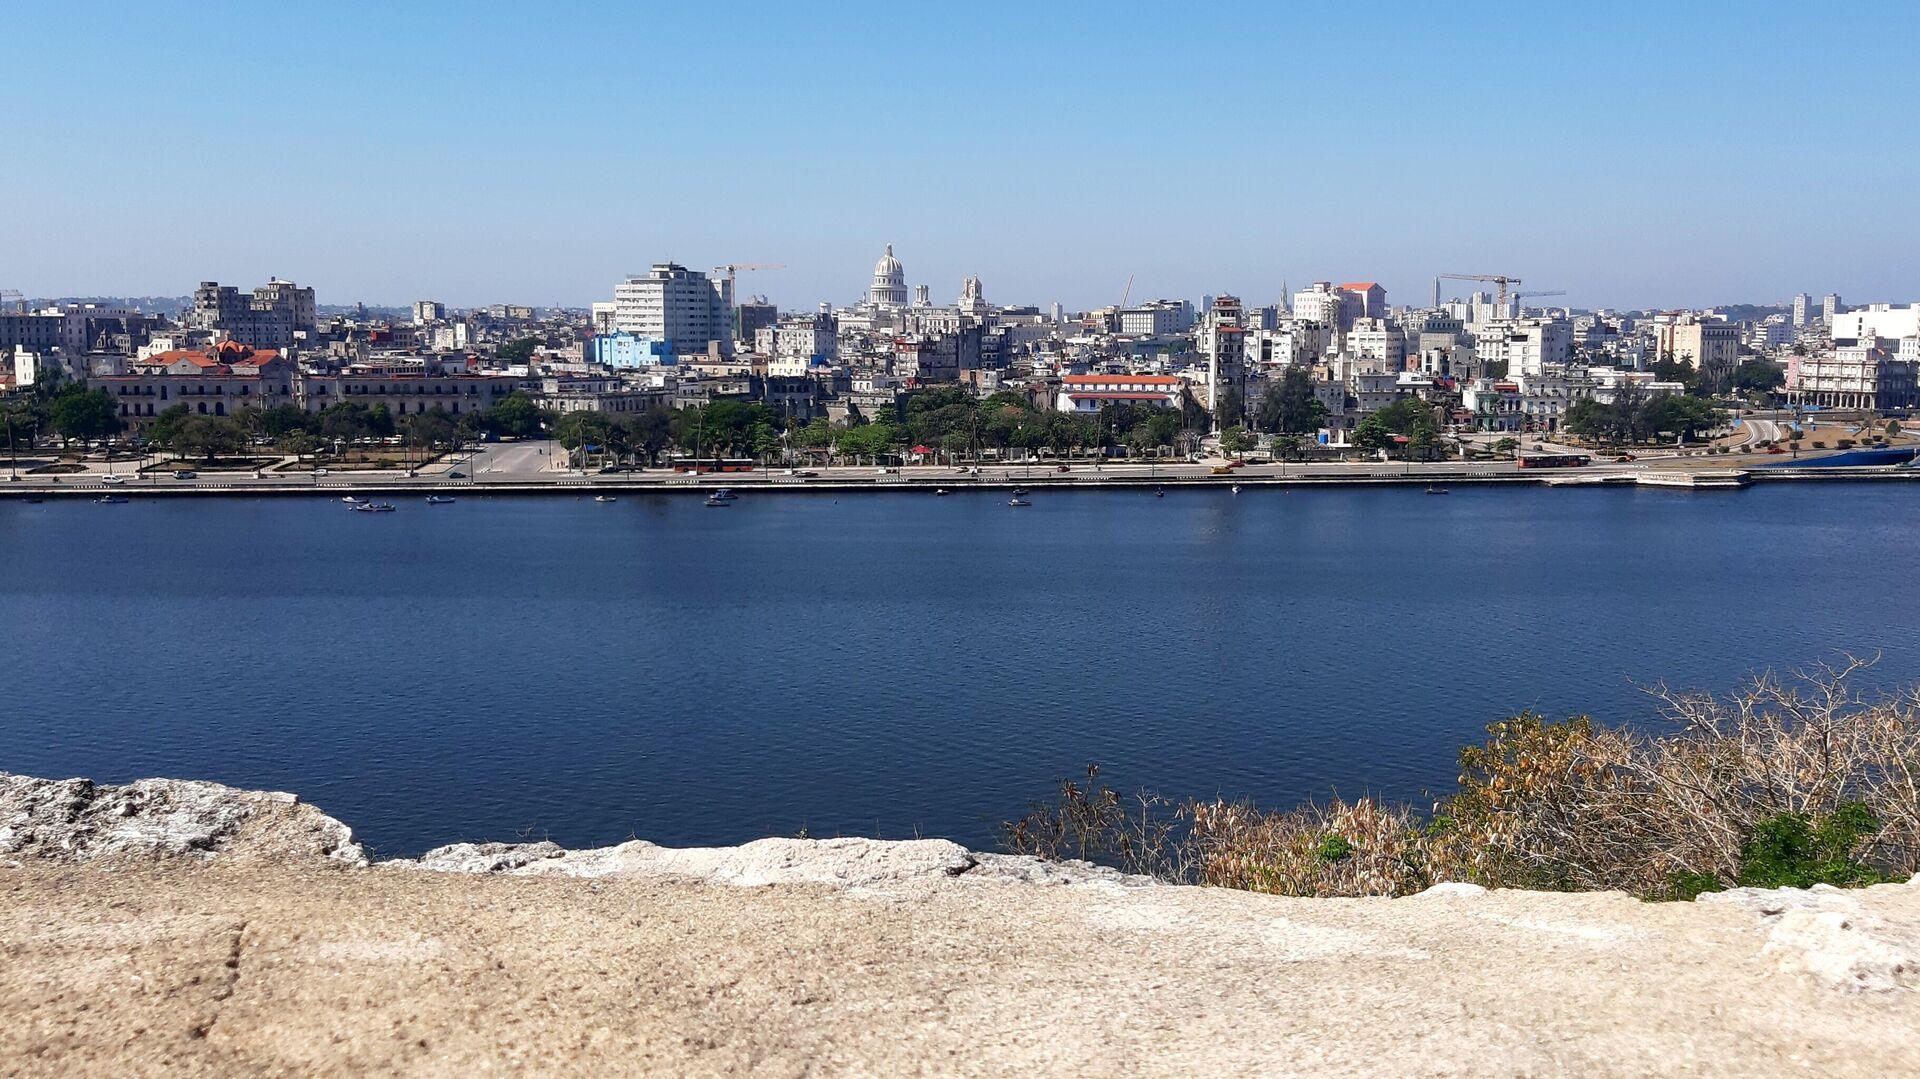 Vista de La Habana desde las fortalezas coloniales - Sputnik Mundo, 1920, 29.03.2021